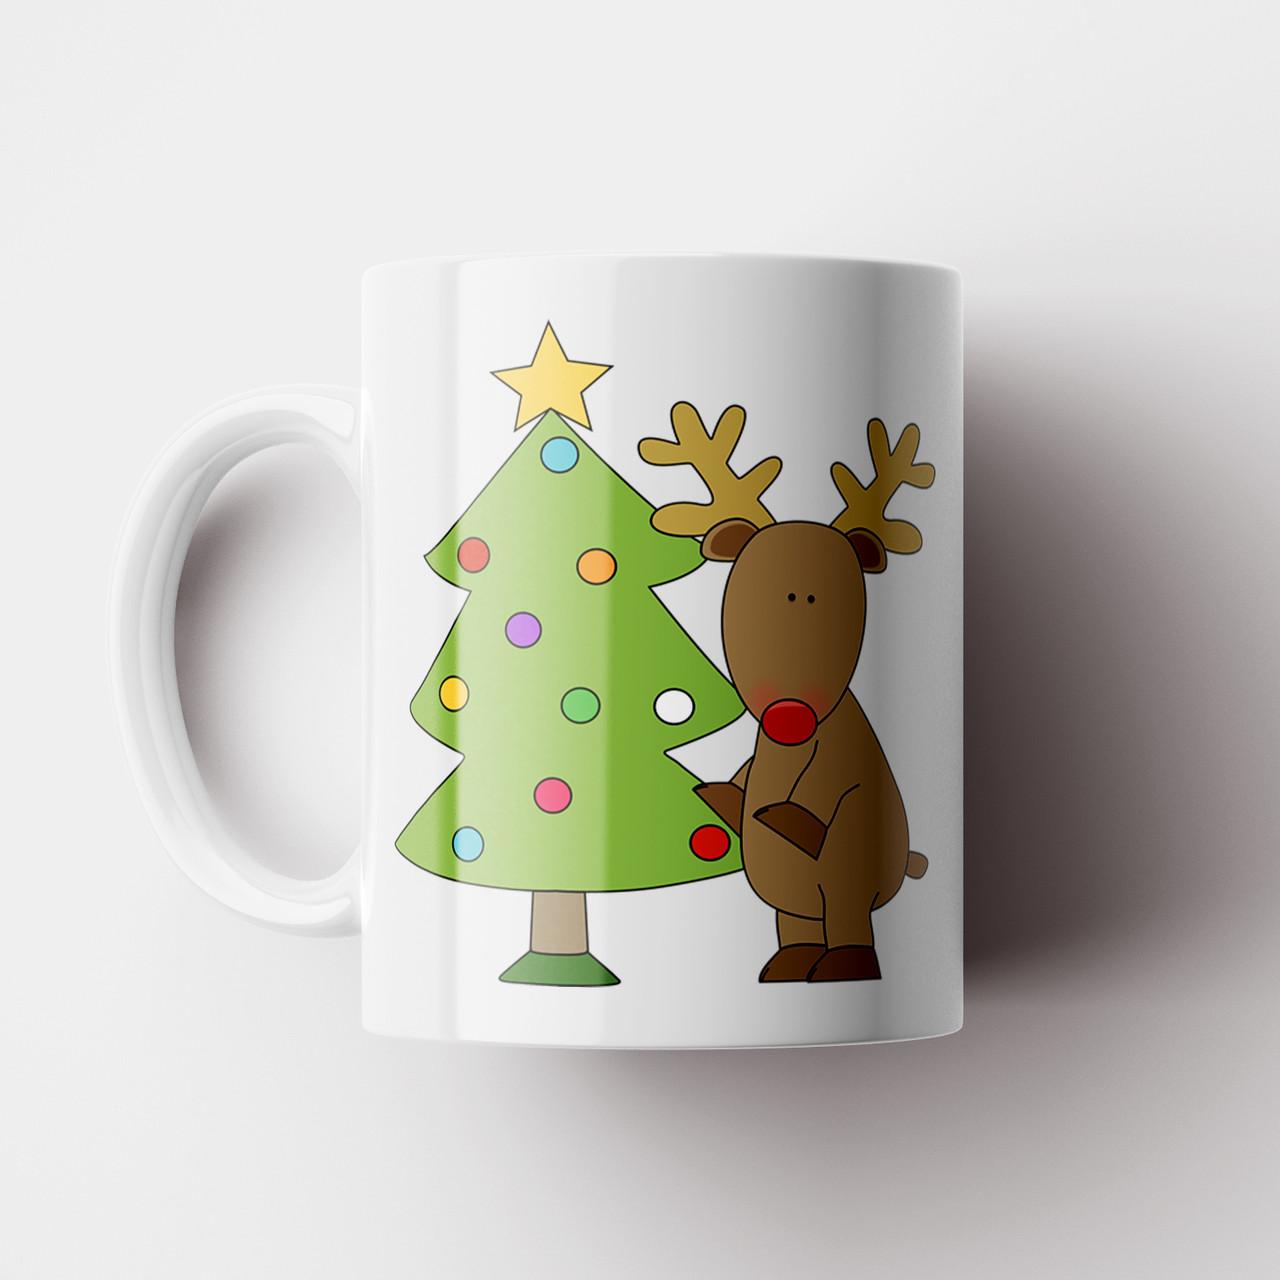 Кружка Ёлка и олень. Merry Christmas. Новогодняя чашка №10. Новый Год